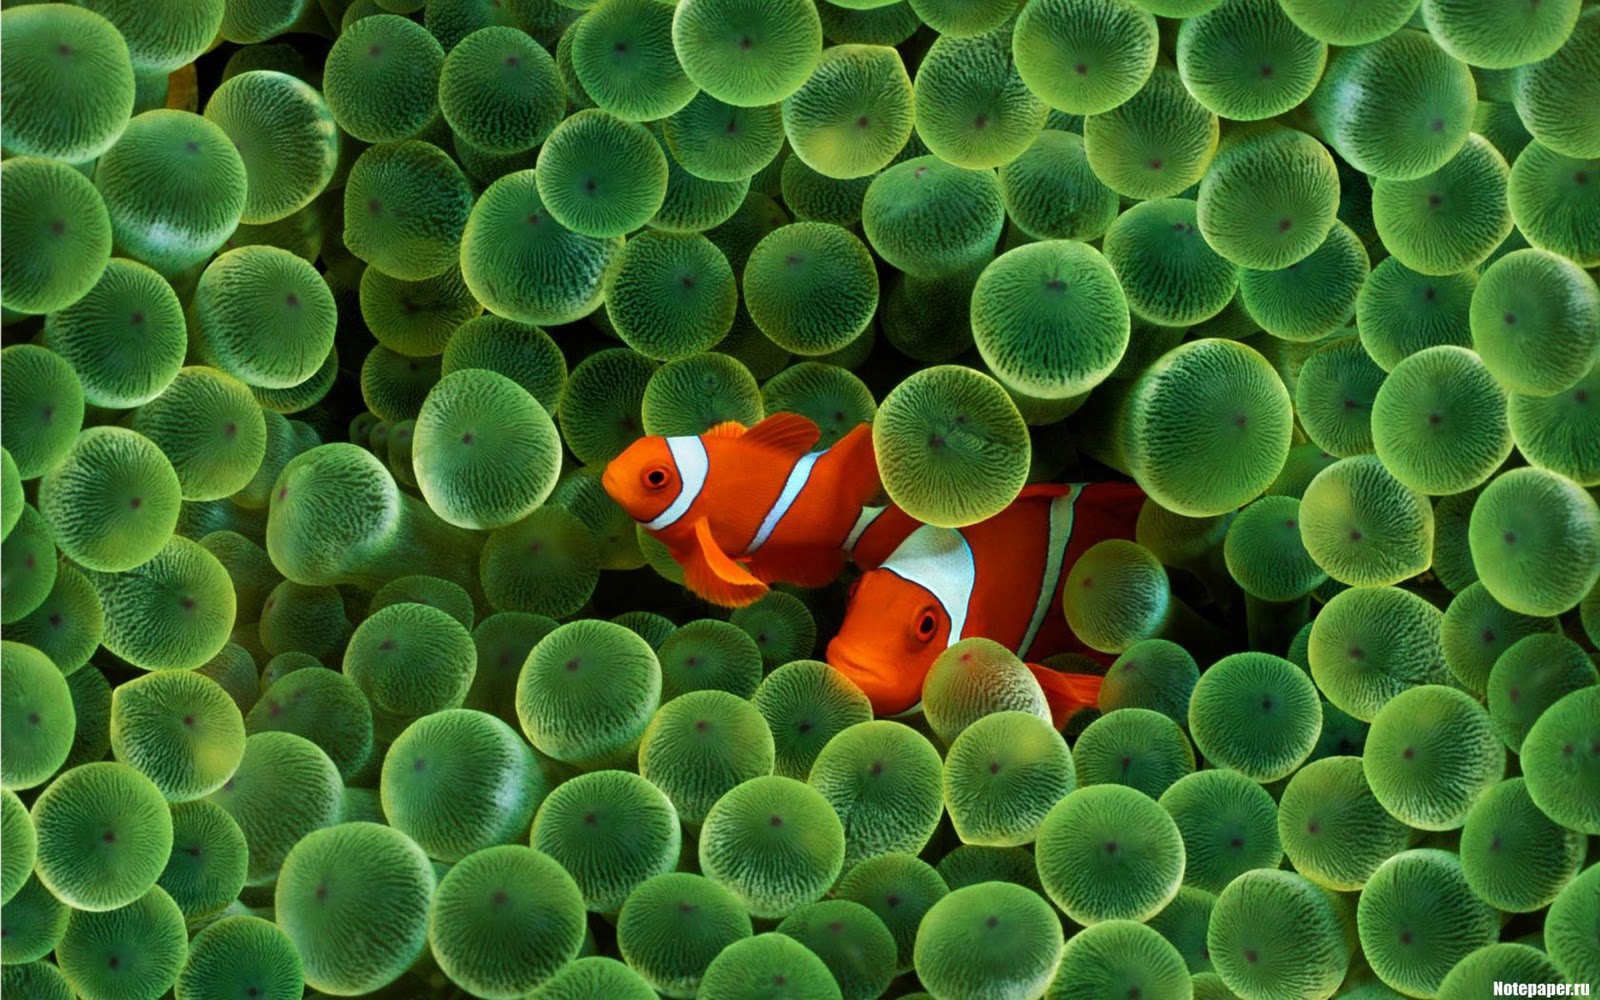 http://1.bp.blogspot.com/_tWeYU17hDgA/TNWUTWjwwXI/AAAAAAAAHUk/13qi-JhrtyA/s1600/laba-ws.blogspot.com_Animals_Nature_HD_0001.jpg